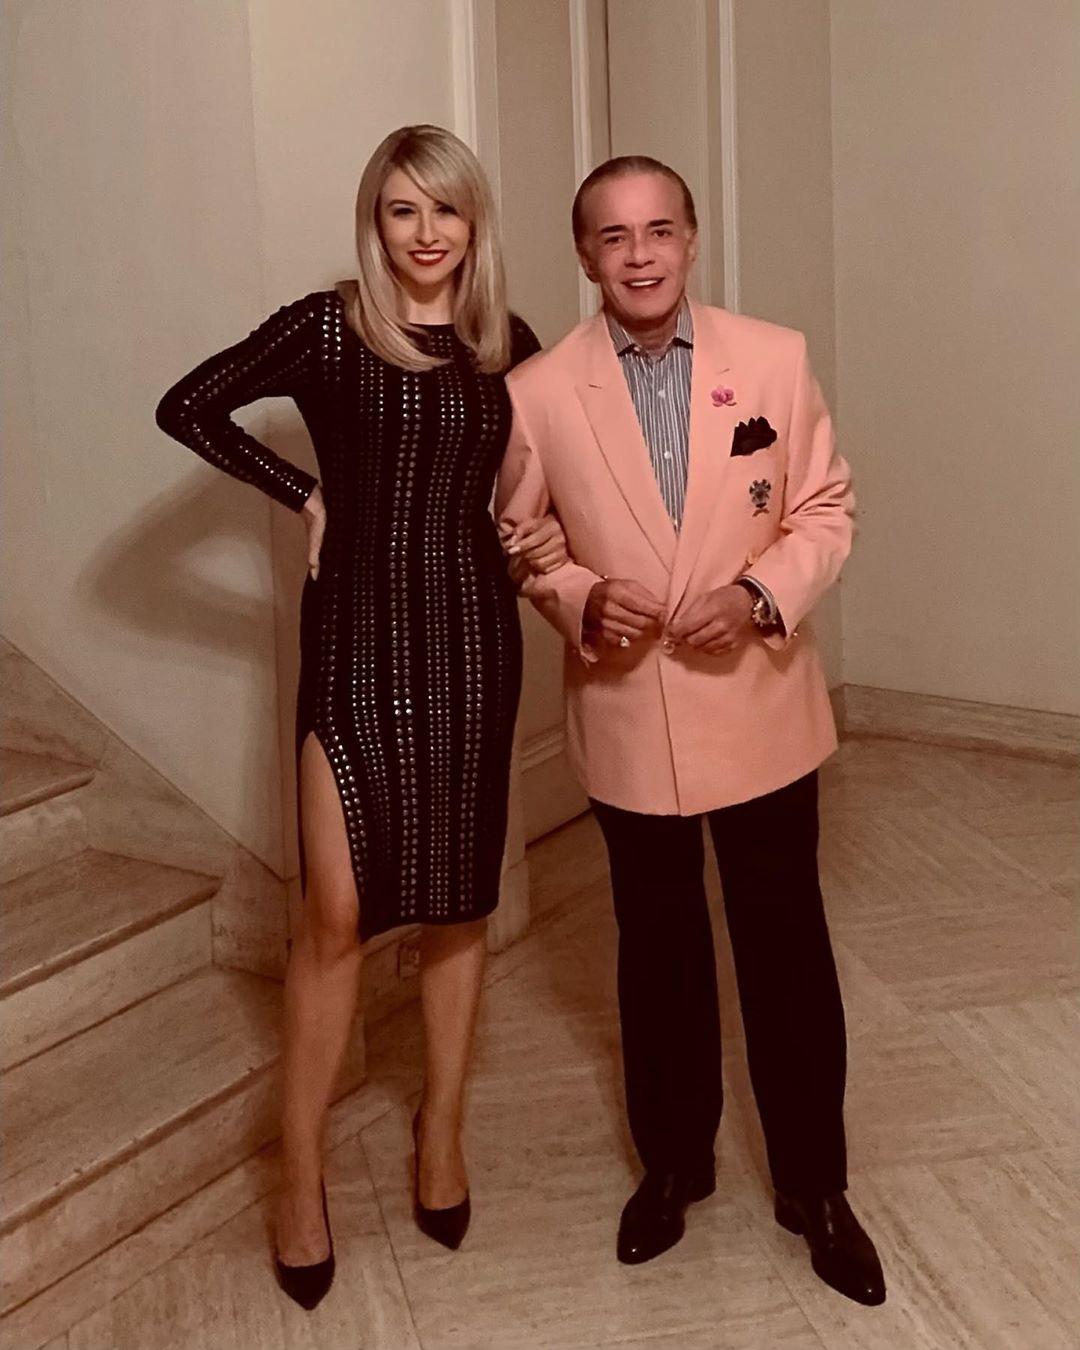 O empresário e sua esposa prontos para um jantar especial (Foto: Reprodução/Instagram)